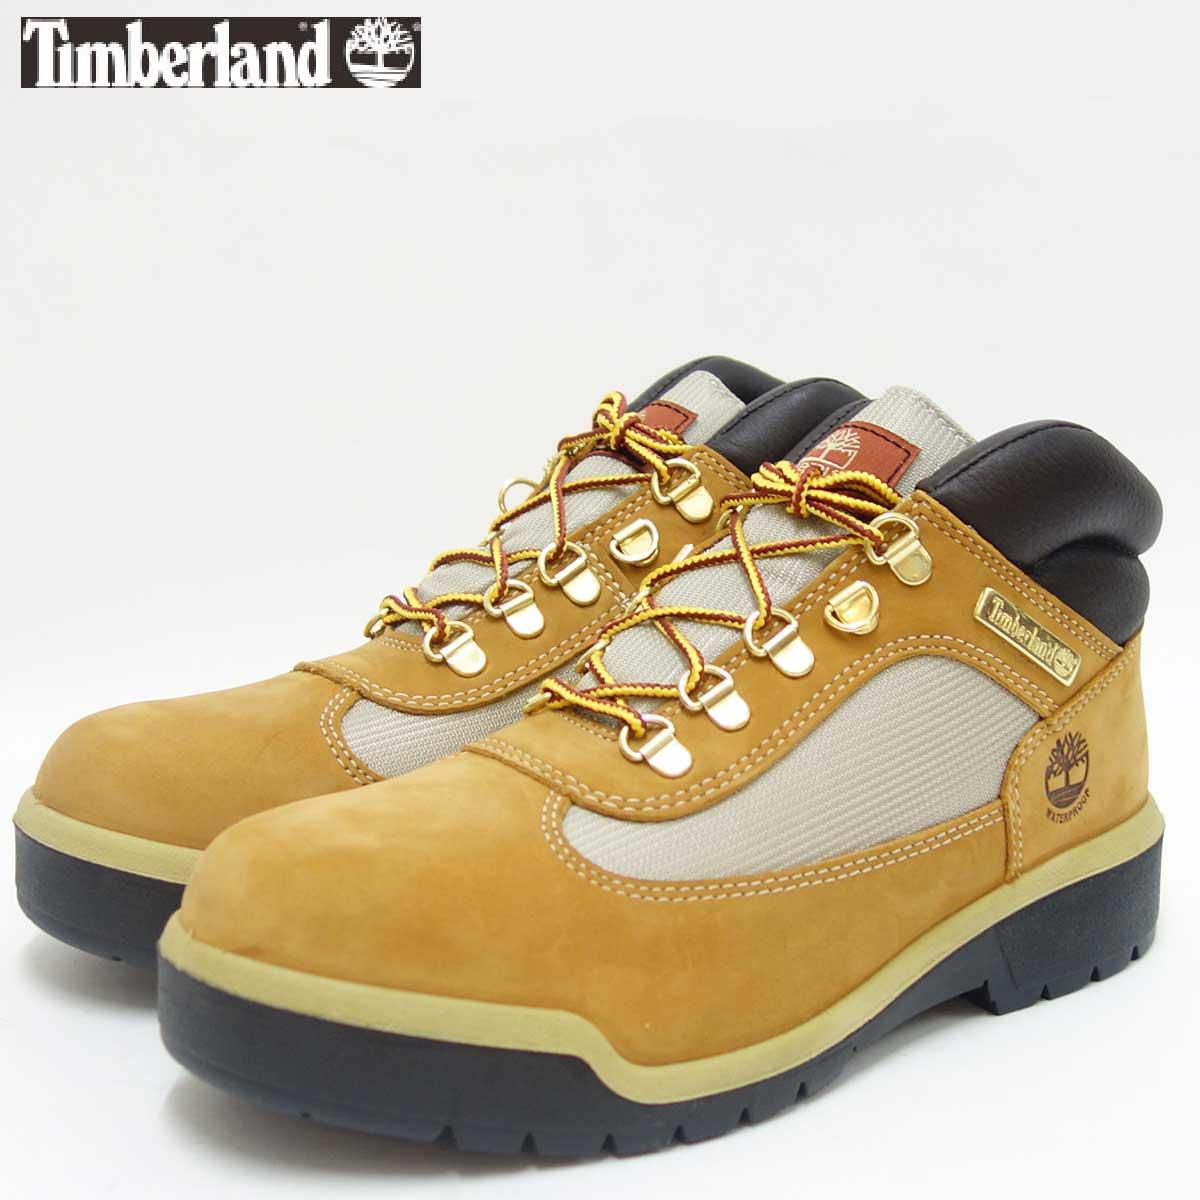 『Timberland』ティンバーランド a18ri ウィートヌバック(メンズ)フィールドブーツファブリック アンド レザー ウォータープルーフ『靴』